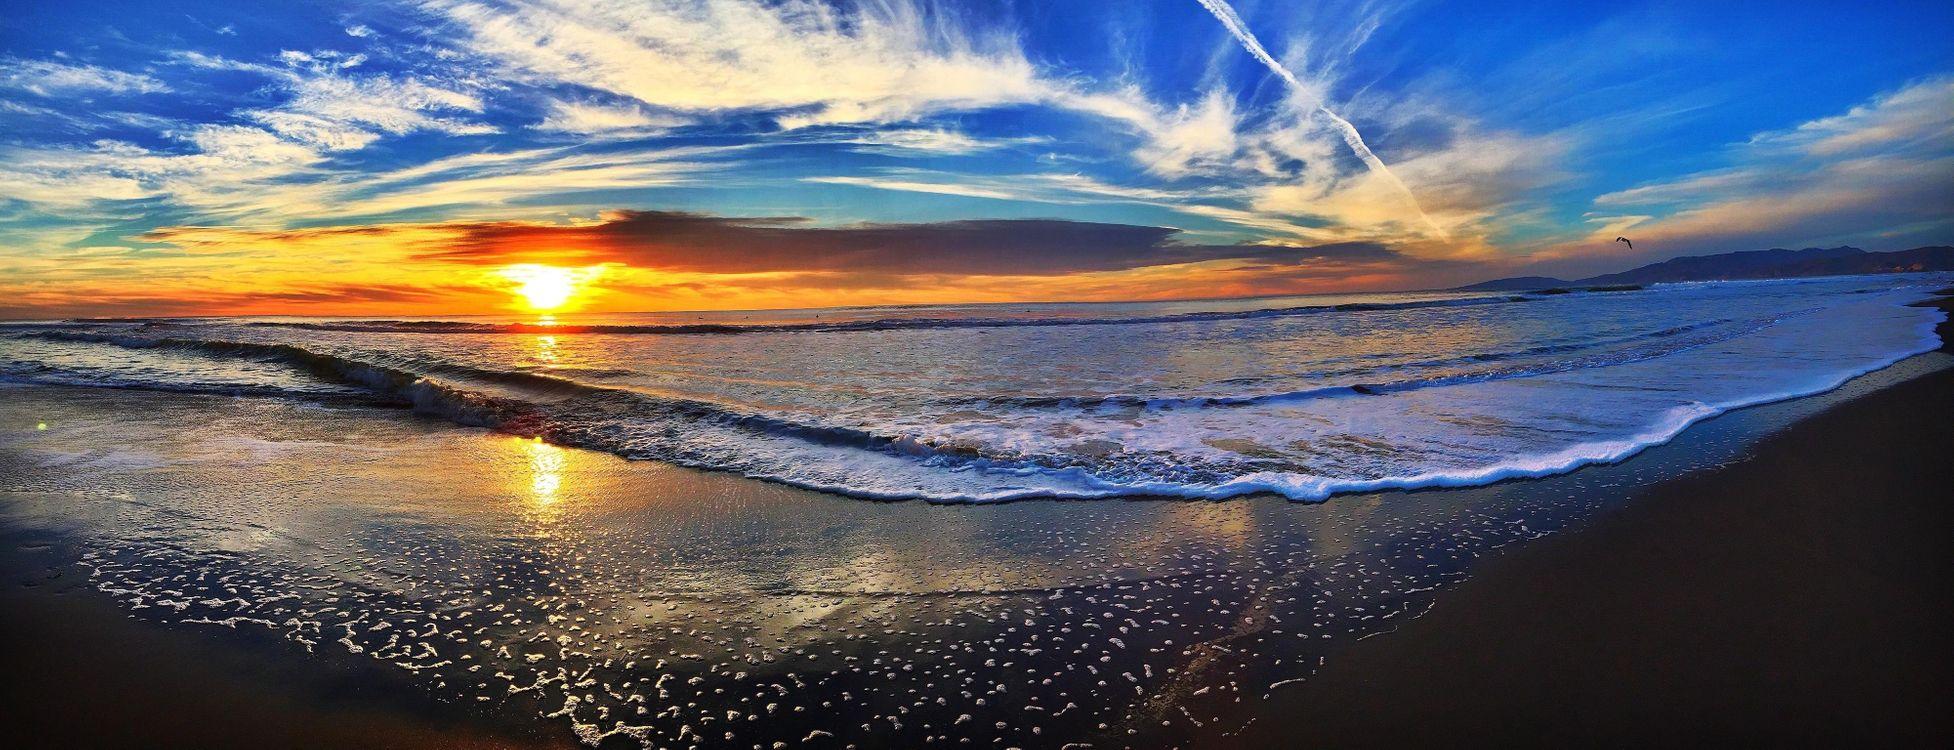 Обои закат, море, пляж картинки на телефон